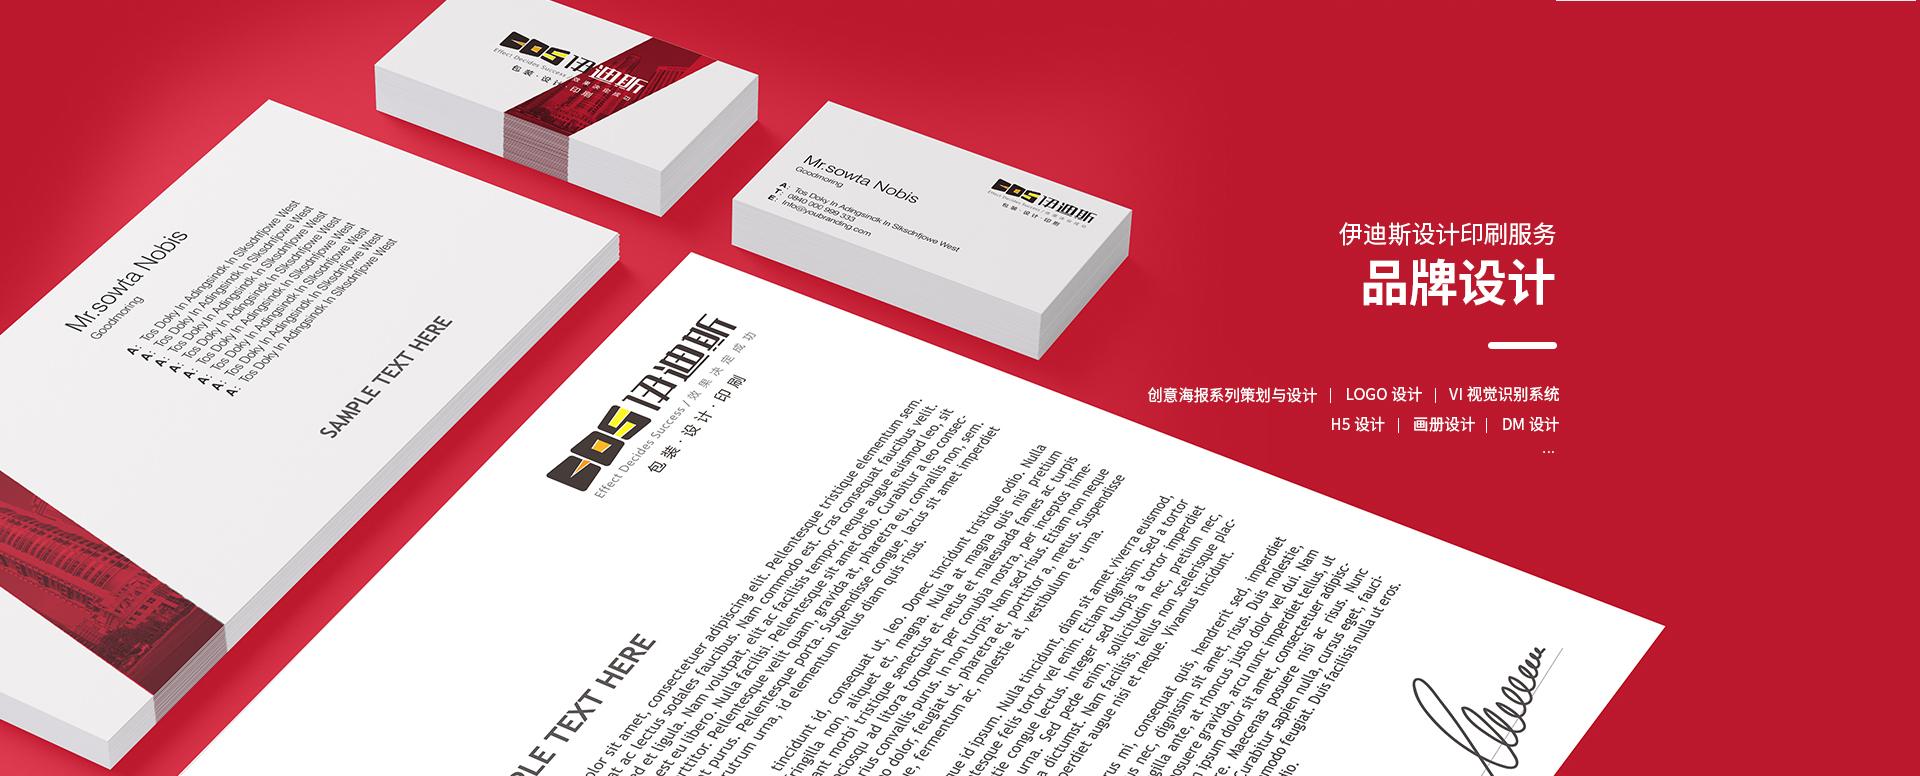 哈尔滨包装印刷